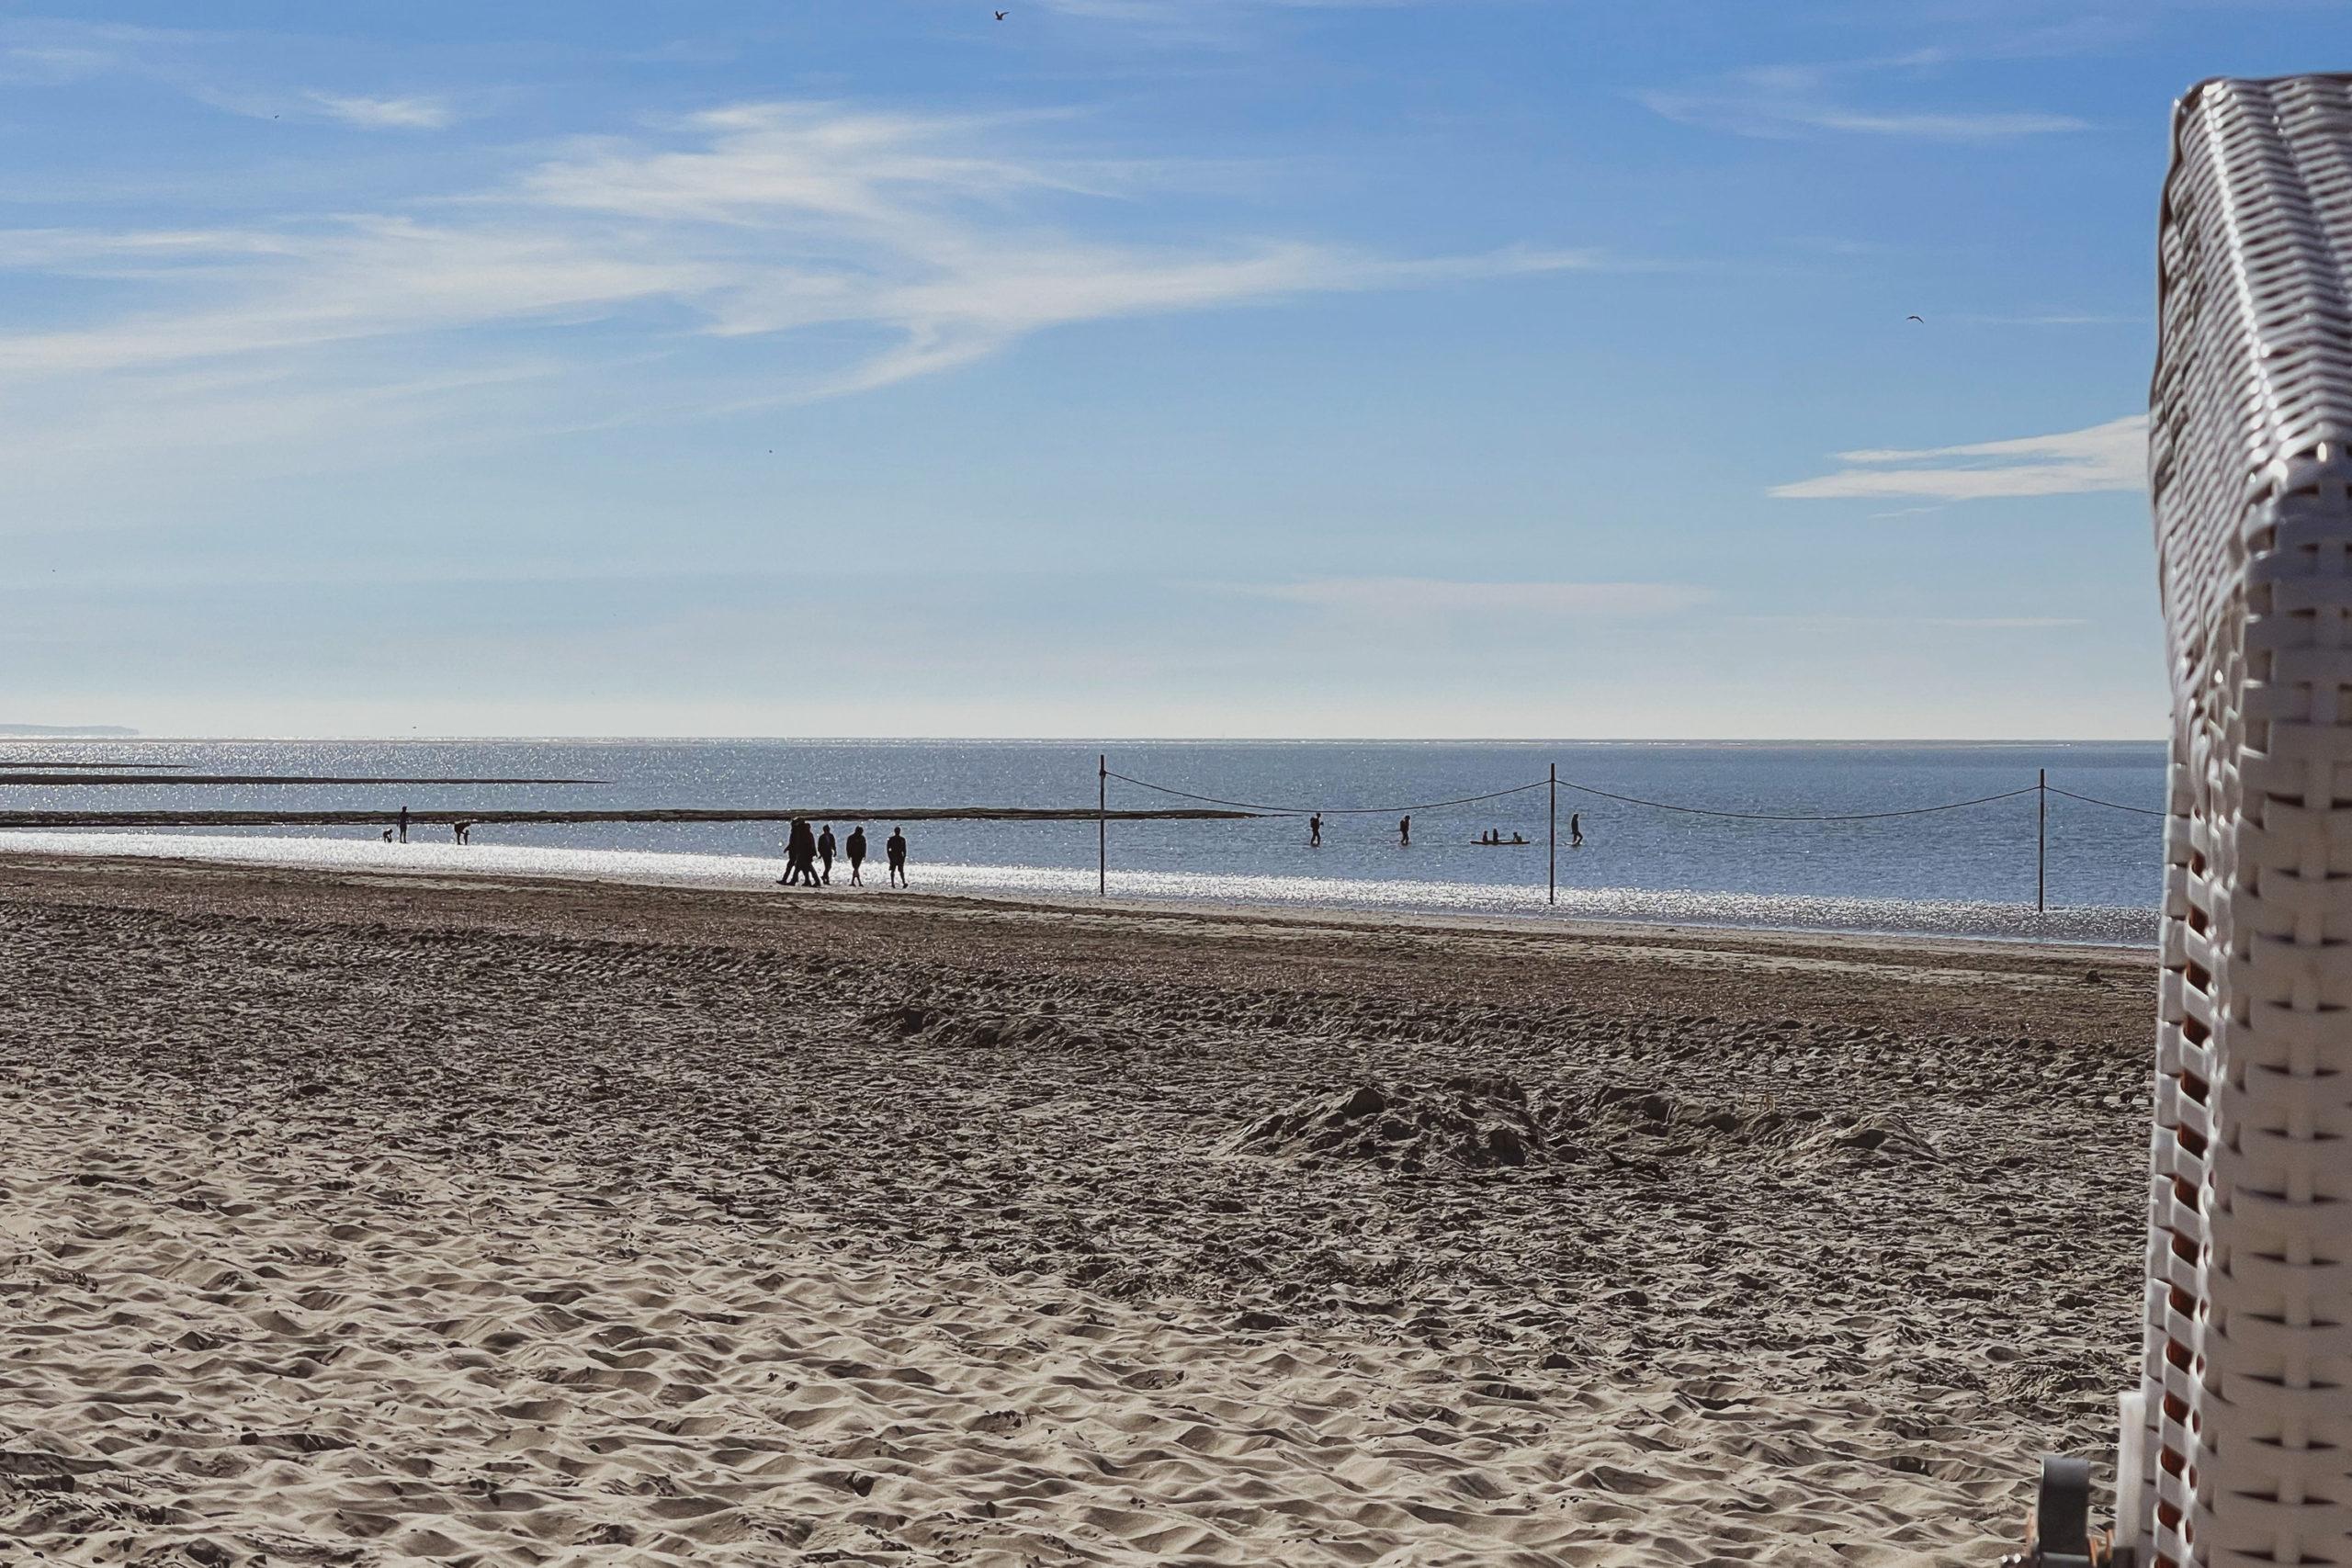 Blick am Strand zum Meer. Ein paar Menschen laufen am Wasser entlang. Am Bildrand rechts ist noch ein Standkorb zu erkennen.